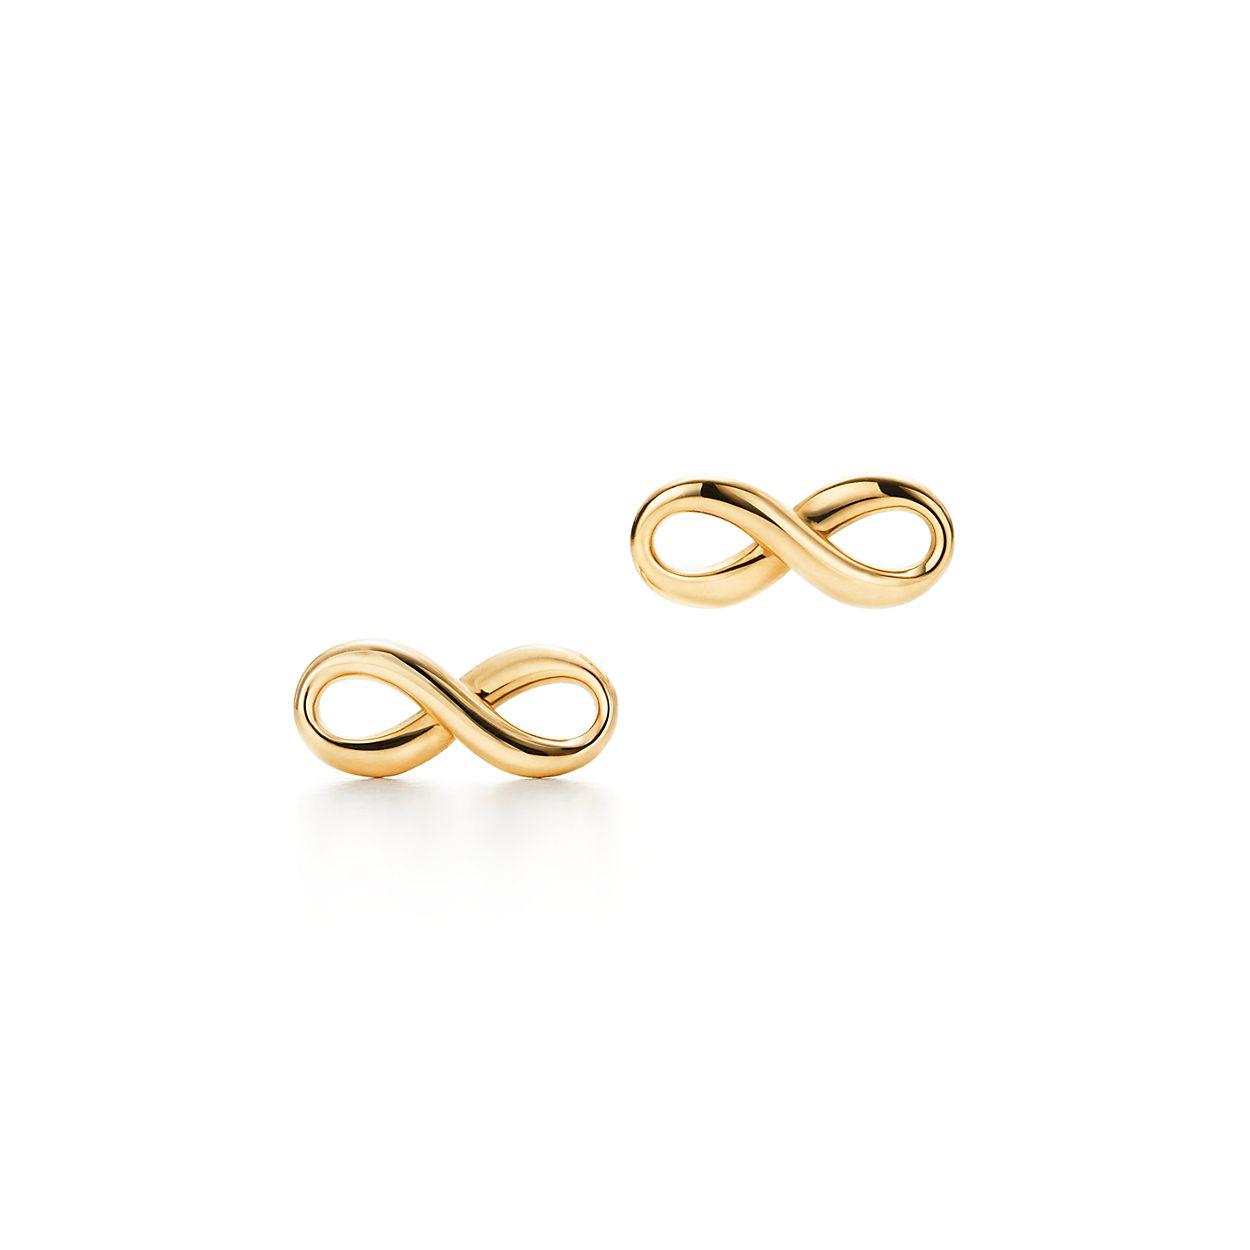 Tiffany Infinity Earrings In 18k Gold Tiffany Co